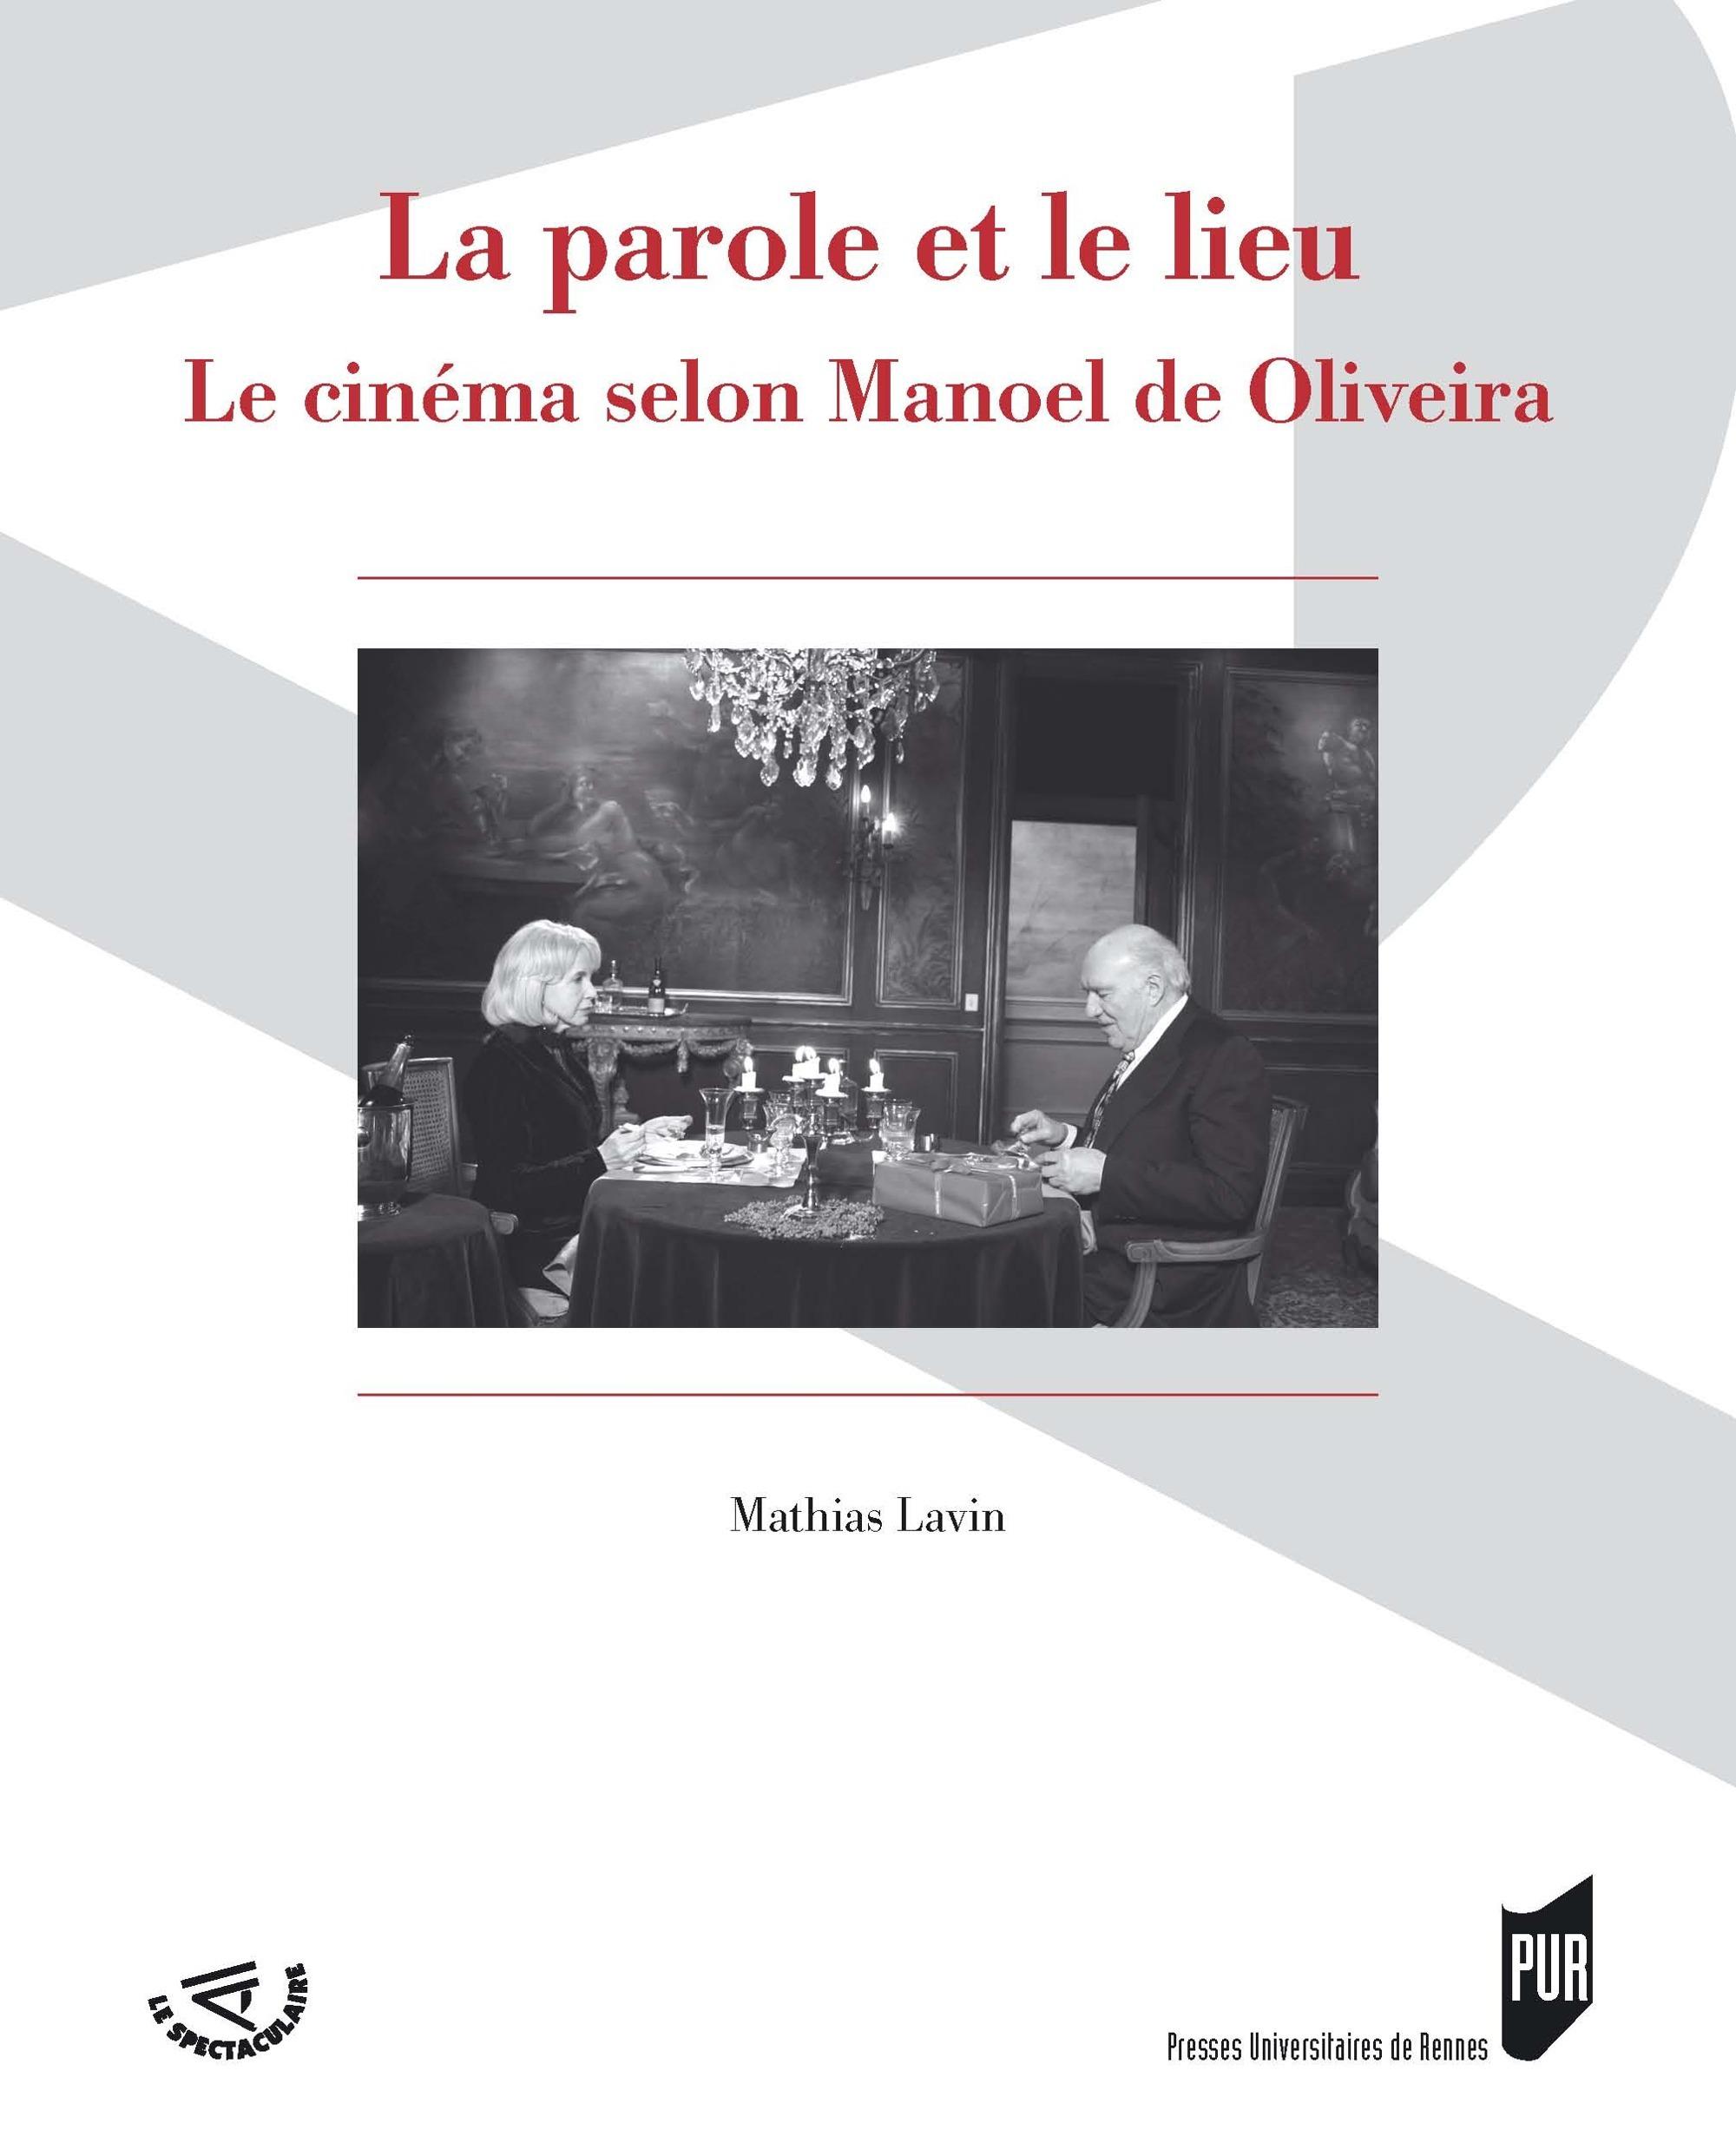 La parole et le lieu ; le cinéma selon Manoel de Oliveira